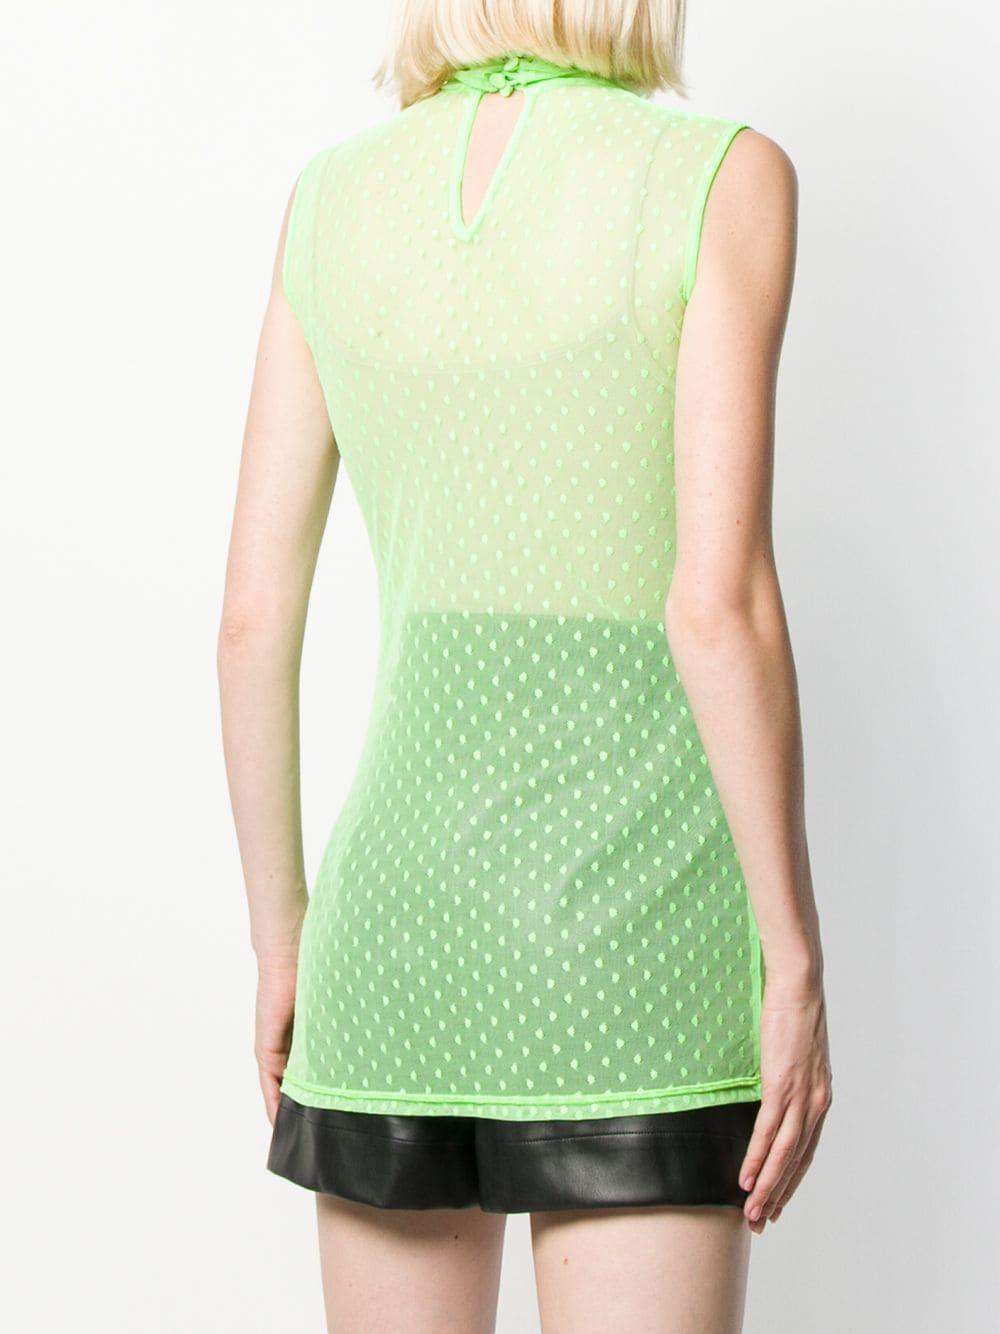 Camiseta de tirantes de malla con motivo de lunares Styland de Tejido sintético de color Verde